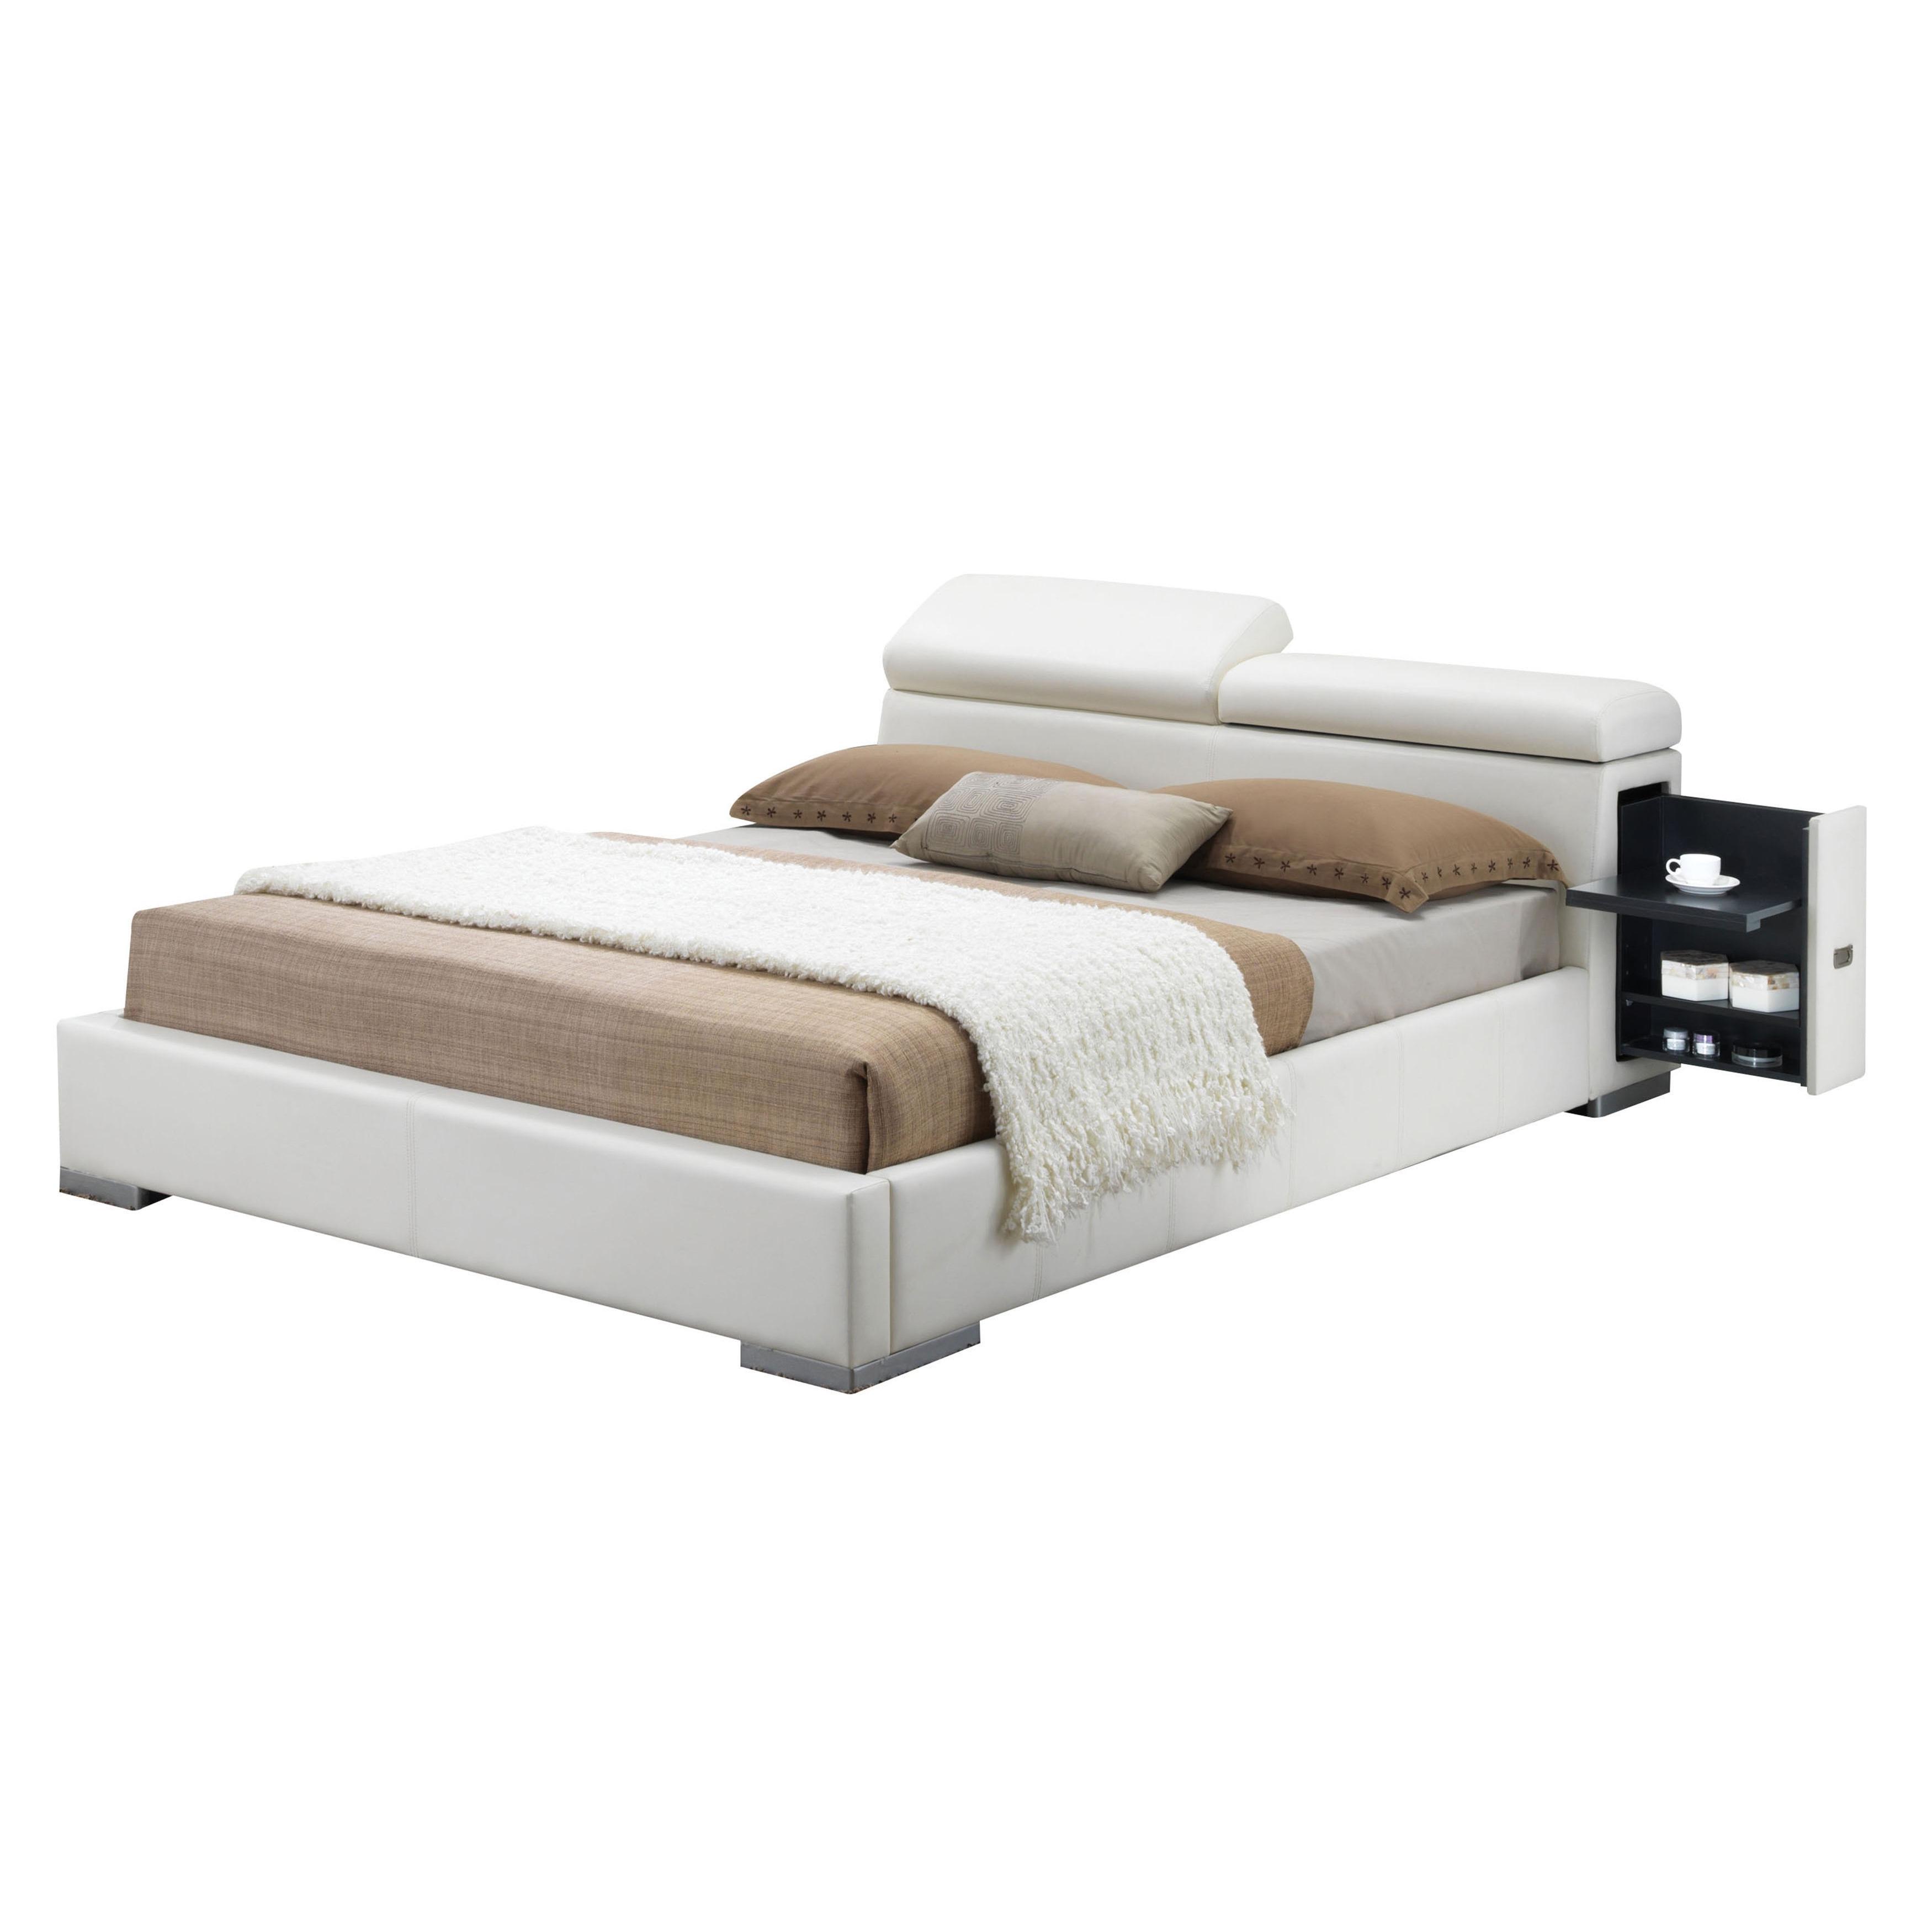 ACME Furniture Manjot Bed, White PU (King)